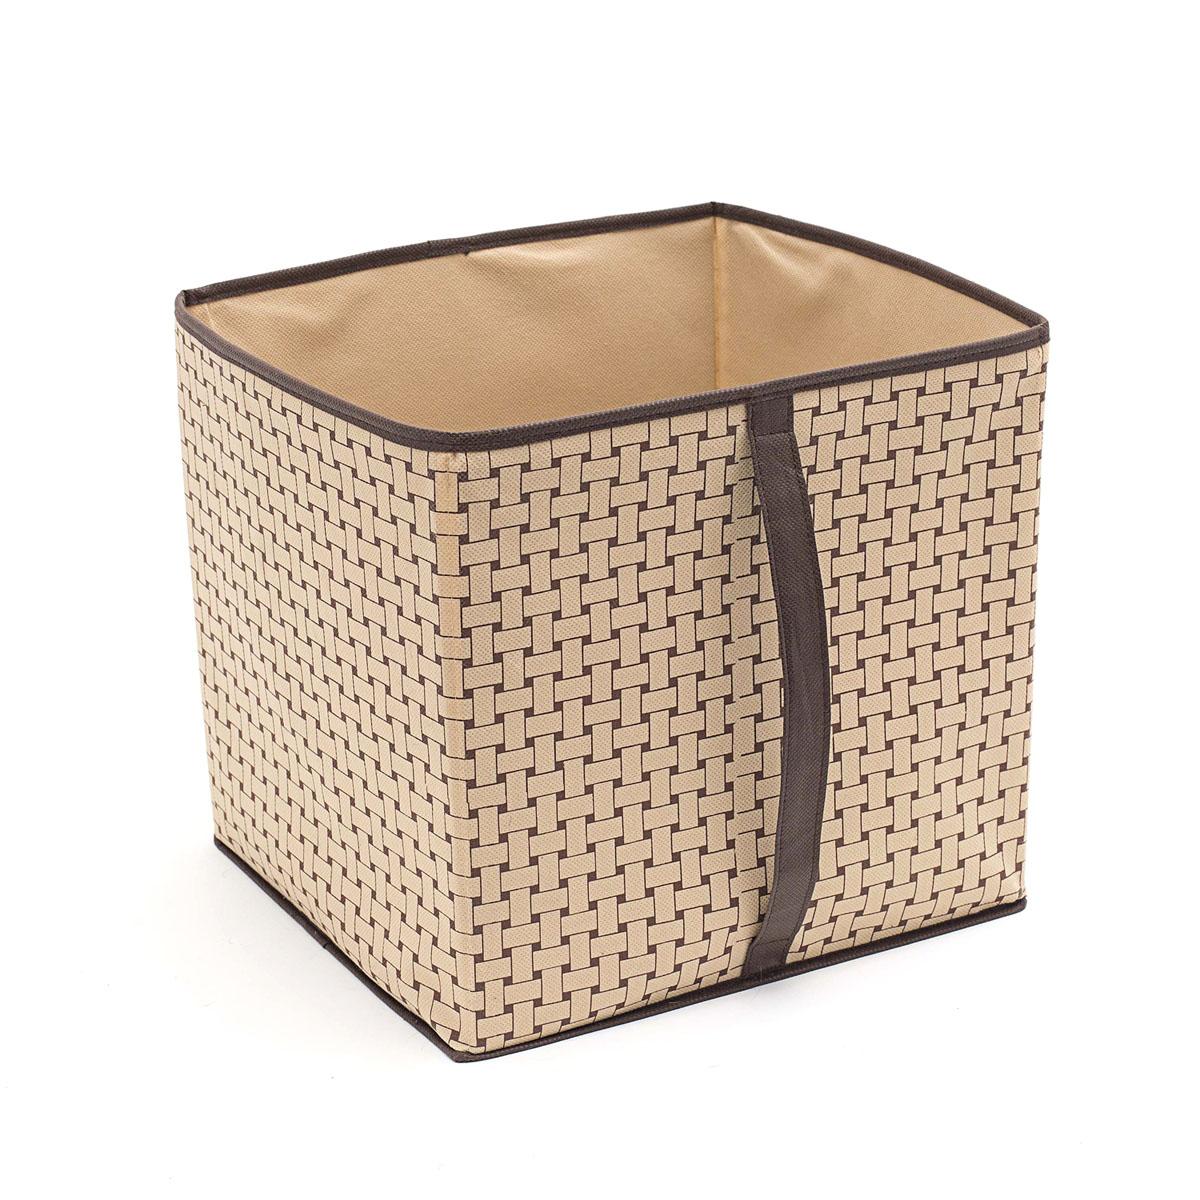 Кофр для хранения Homsu Pletenka, 30 х 33 х 32 смHOM-301Универсальная коробочка для хранения любых вещей. Оптимальный размер позволяет хранить в ней любые вещи и предметы. Фактический цвет может отличаться от заявленного.